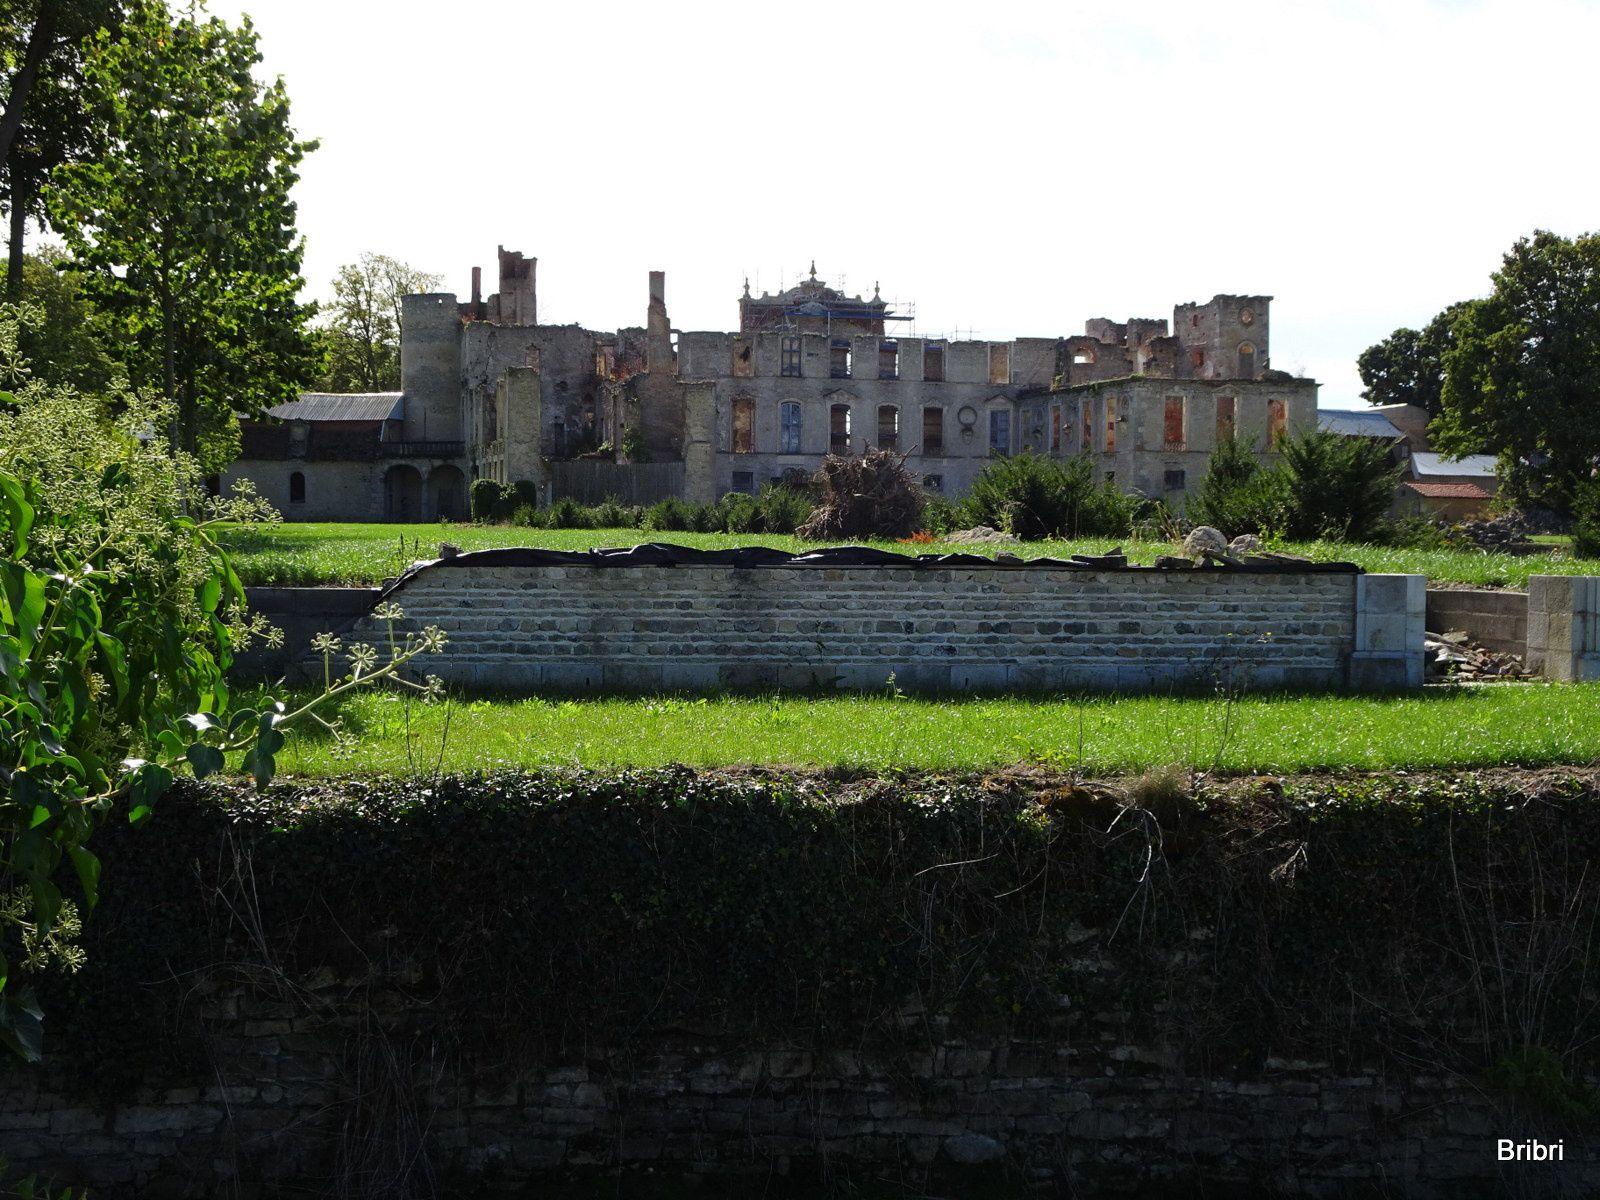 Au cours d'une autre rando nous sommes rentrés dans la cour de ce château, nous n'avions pas vu les travaux de ce coté.